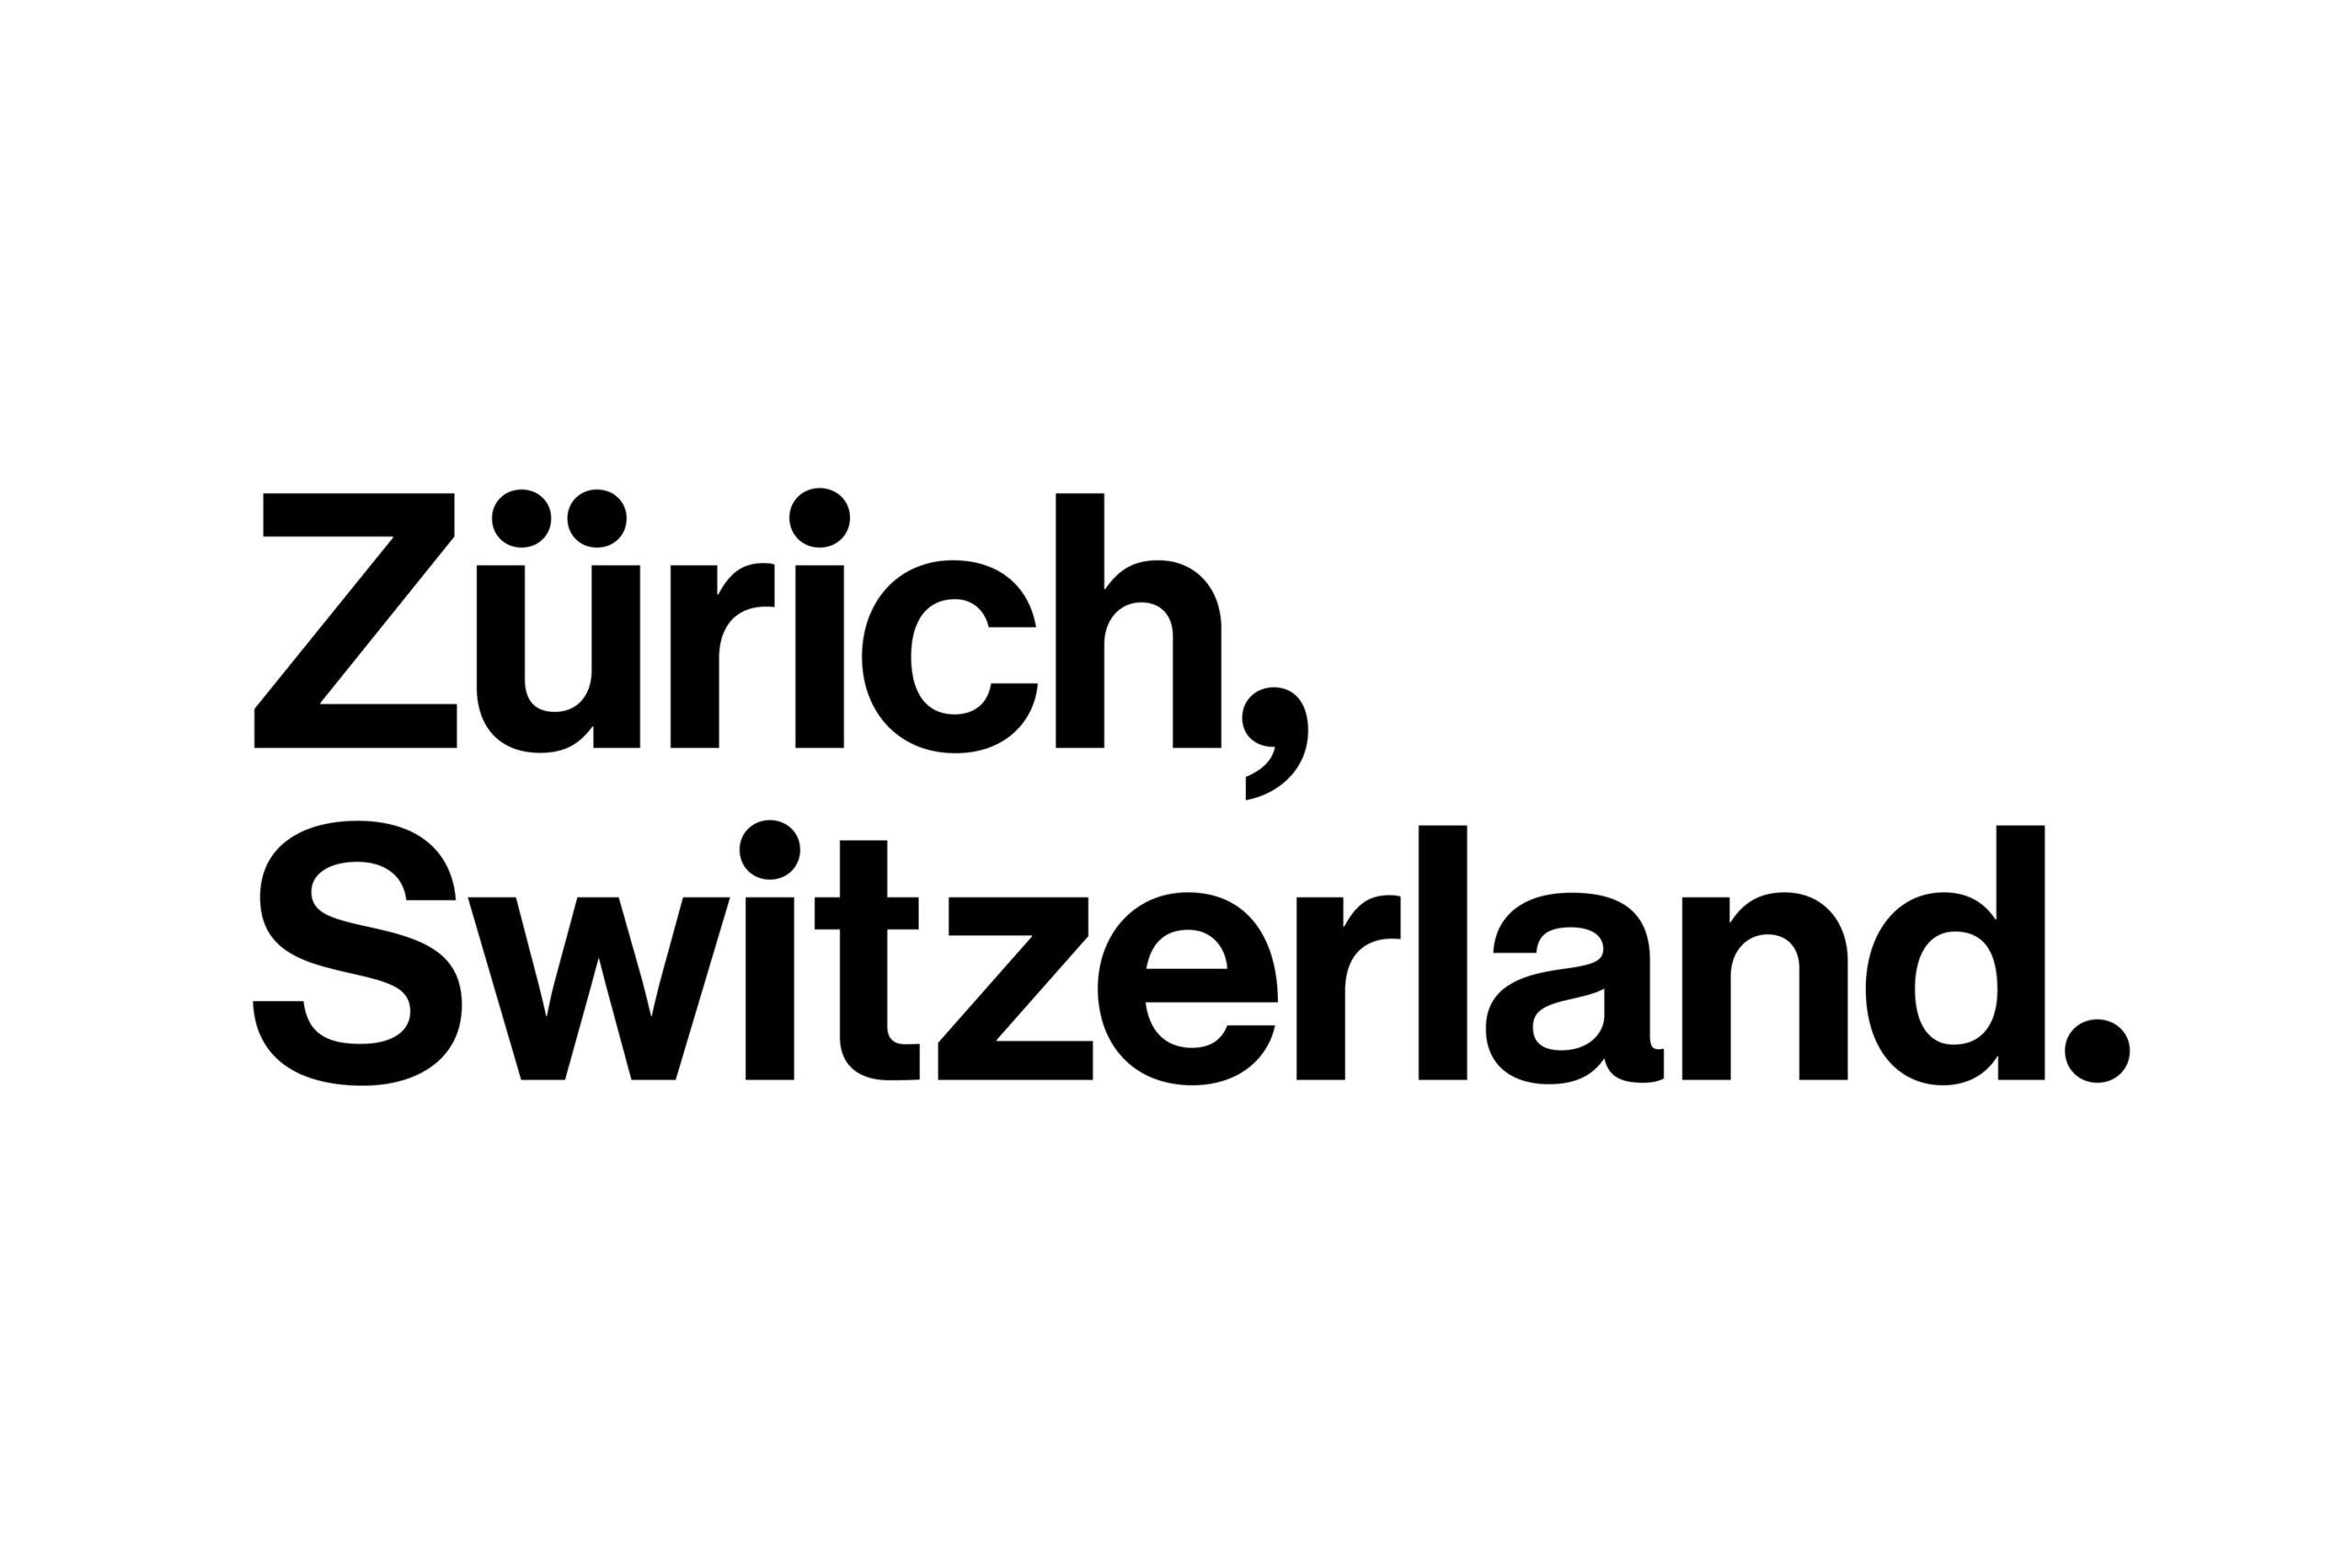 Zurich Switzerland logo